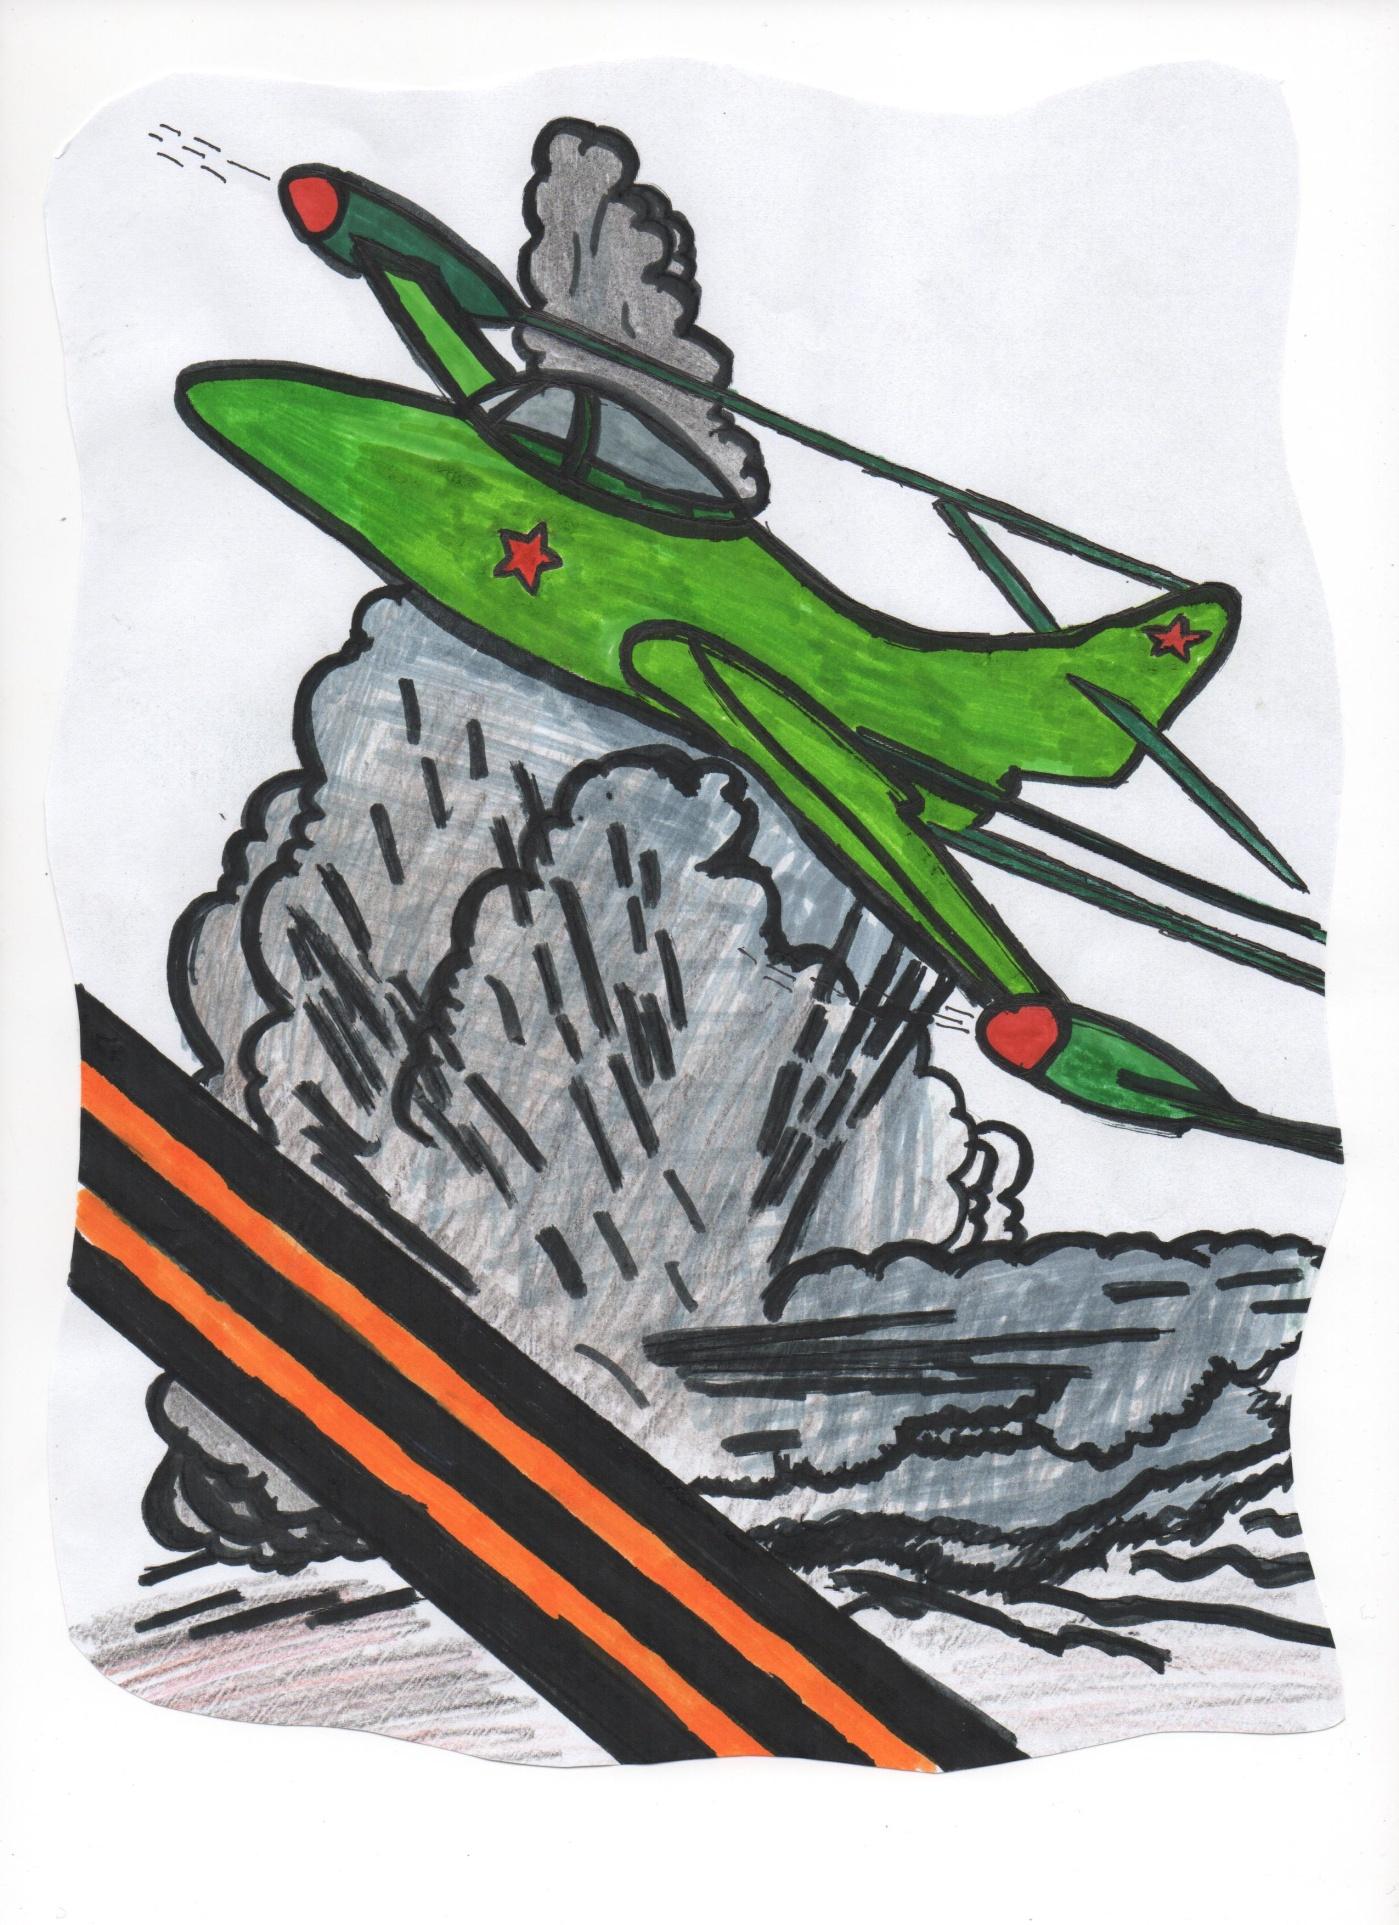 Приложение к заданию № 2. Штурмовики идут на бой. Сулейманова Аделина.jpg